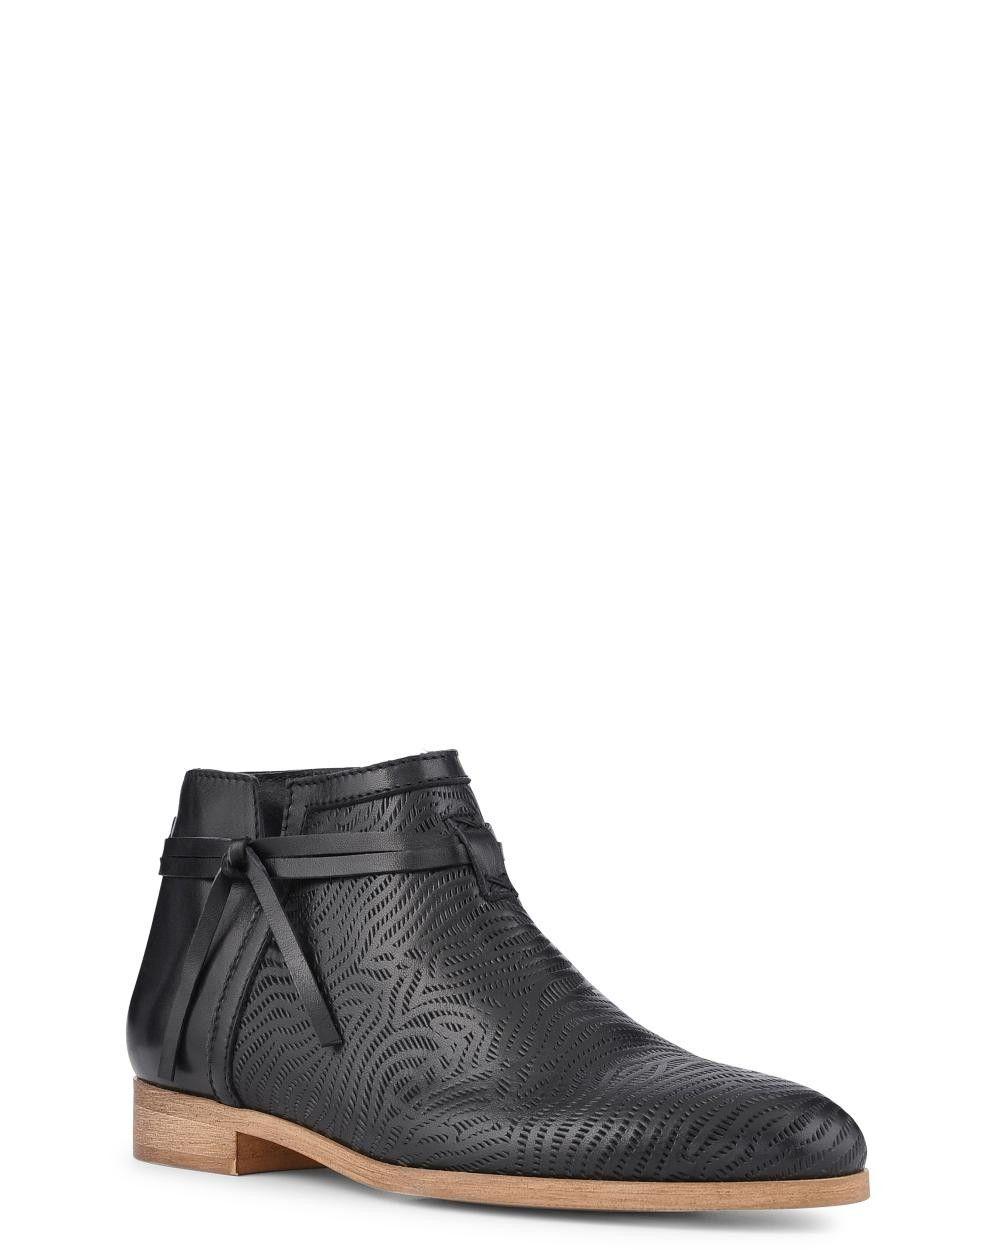 75c8385f39d Découvrez toutes les chaussures tendances pour Femme ! Minelli a  sélectionné une collection idéale pour la saison.